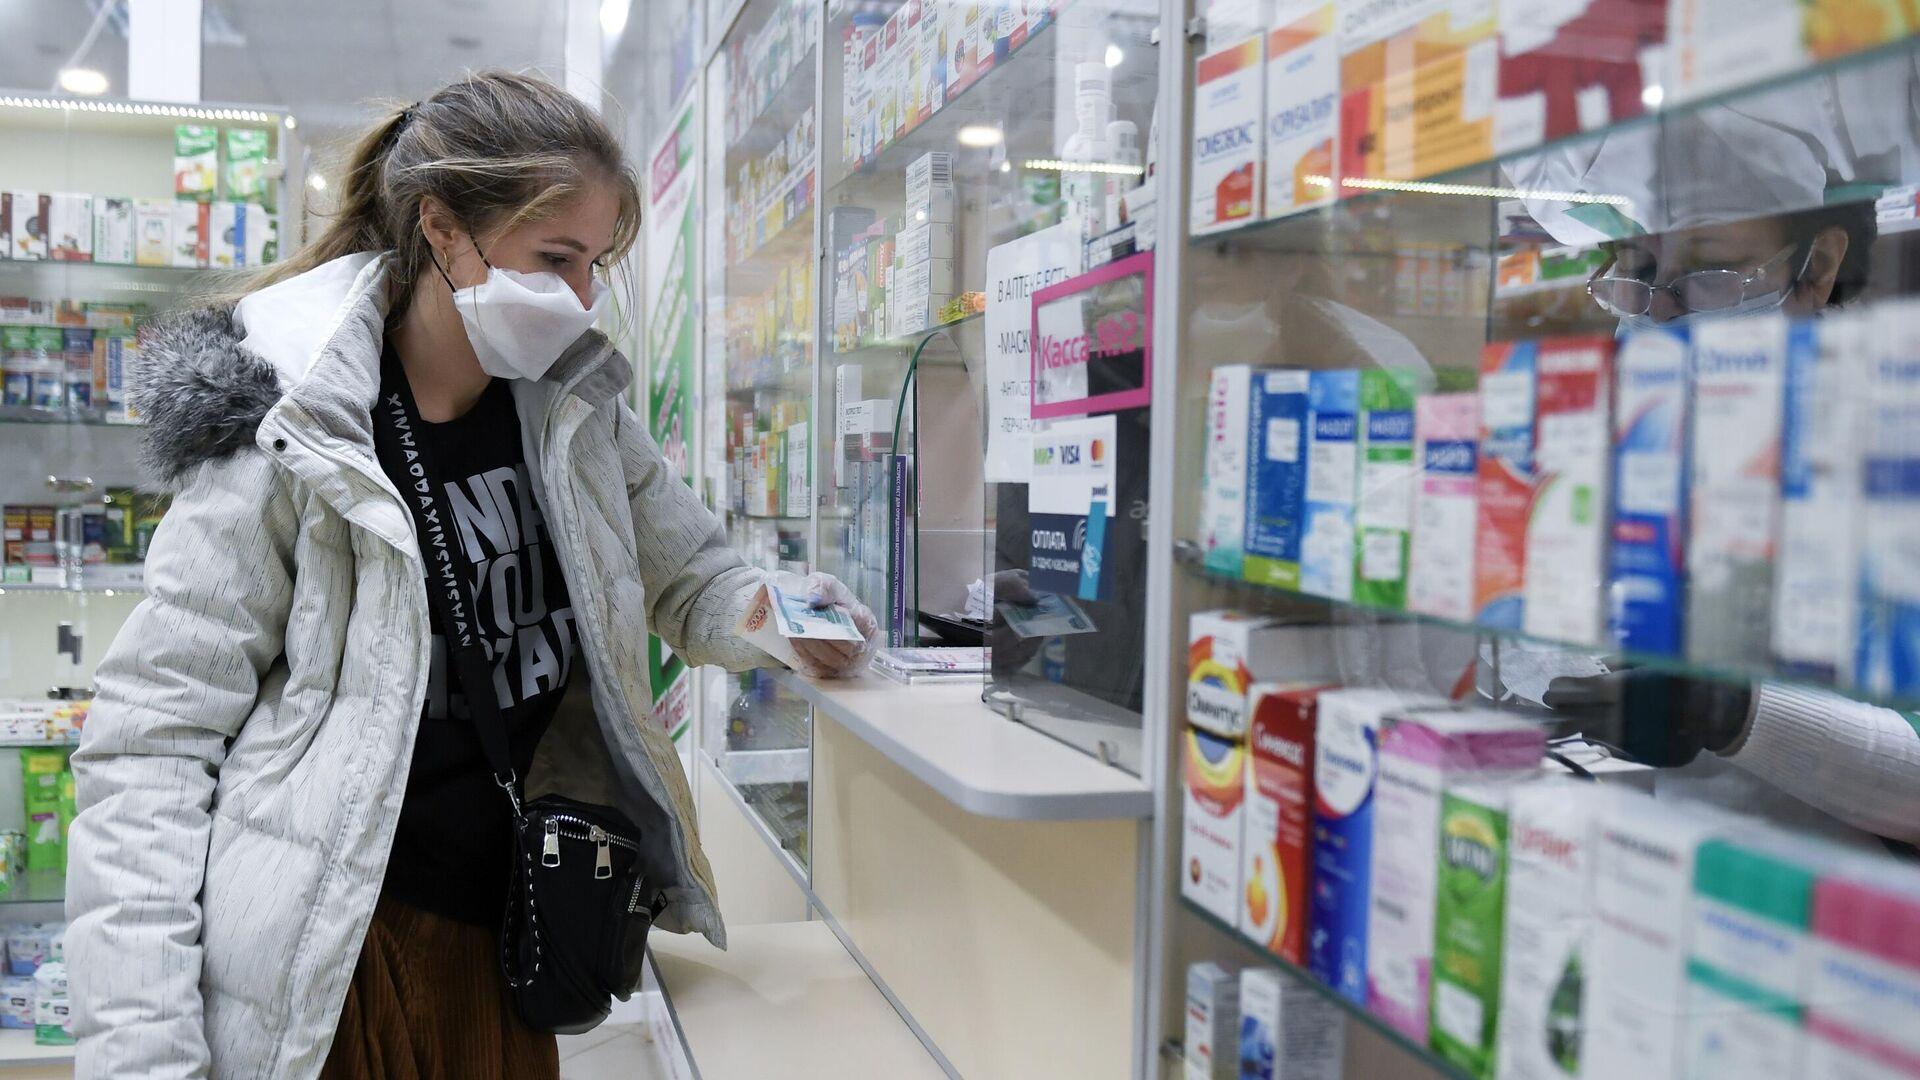 Покупка лекарств в одной из аптек Симферополя - РИА Новости, 1920, 20.11.2020